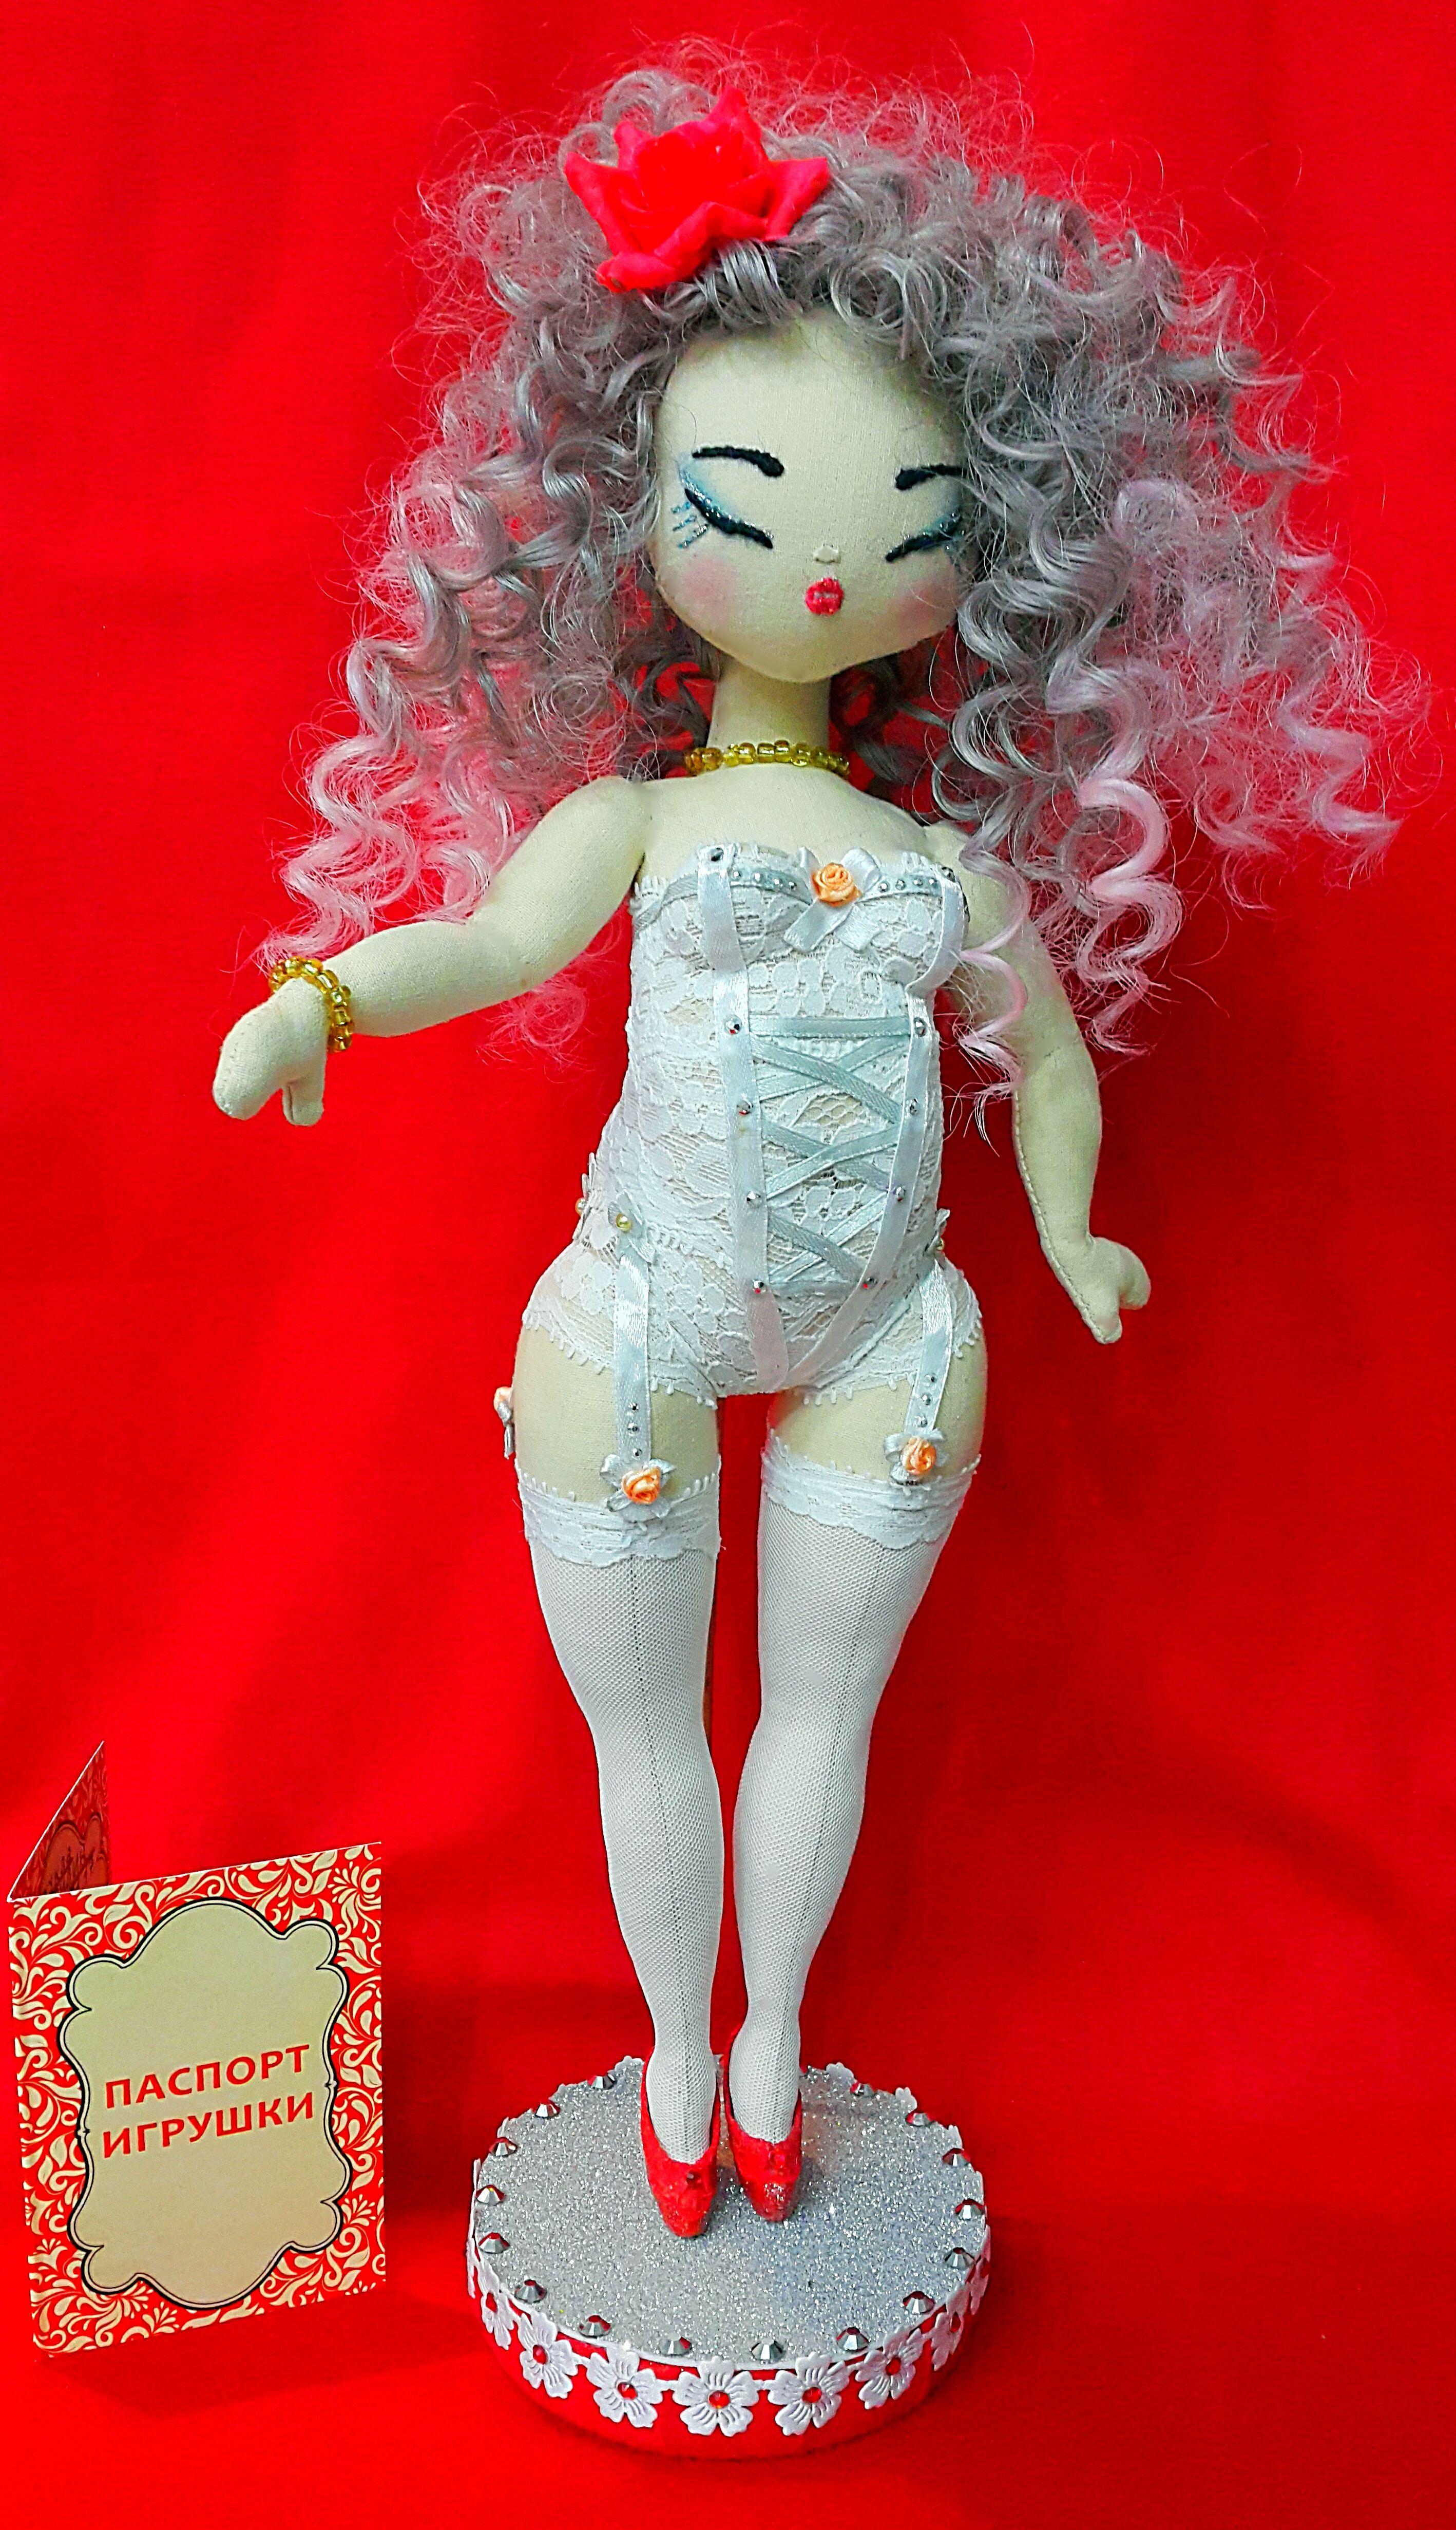 куклаинтерьернаяручной работытекстильная